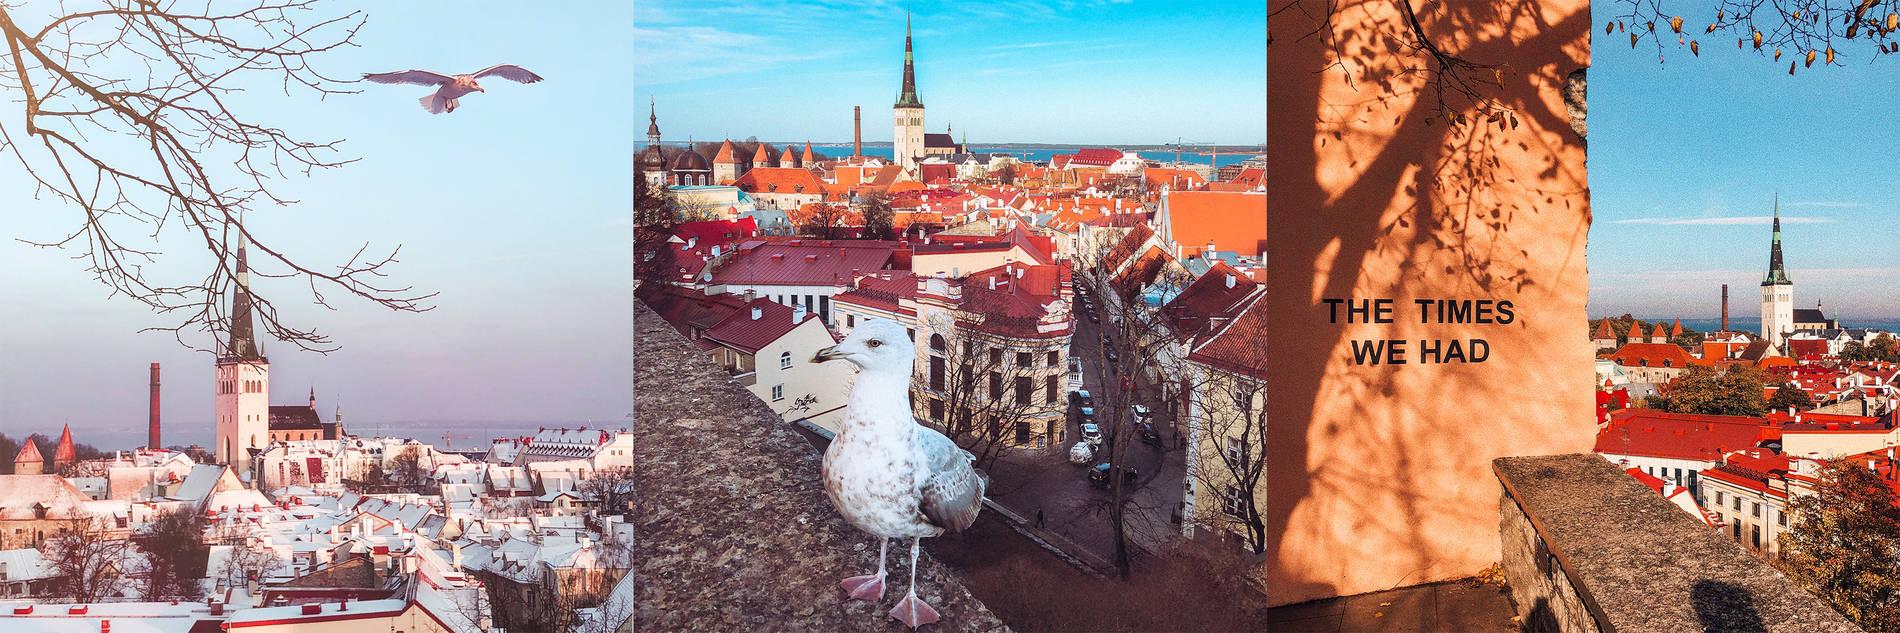 Kohtuotsan näköalatasanne, Tallinna Kuva: